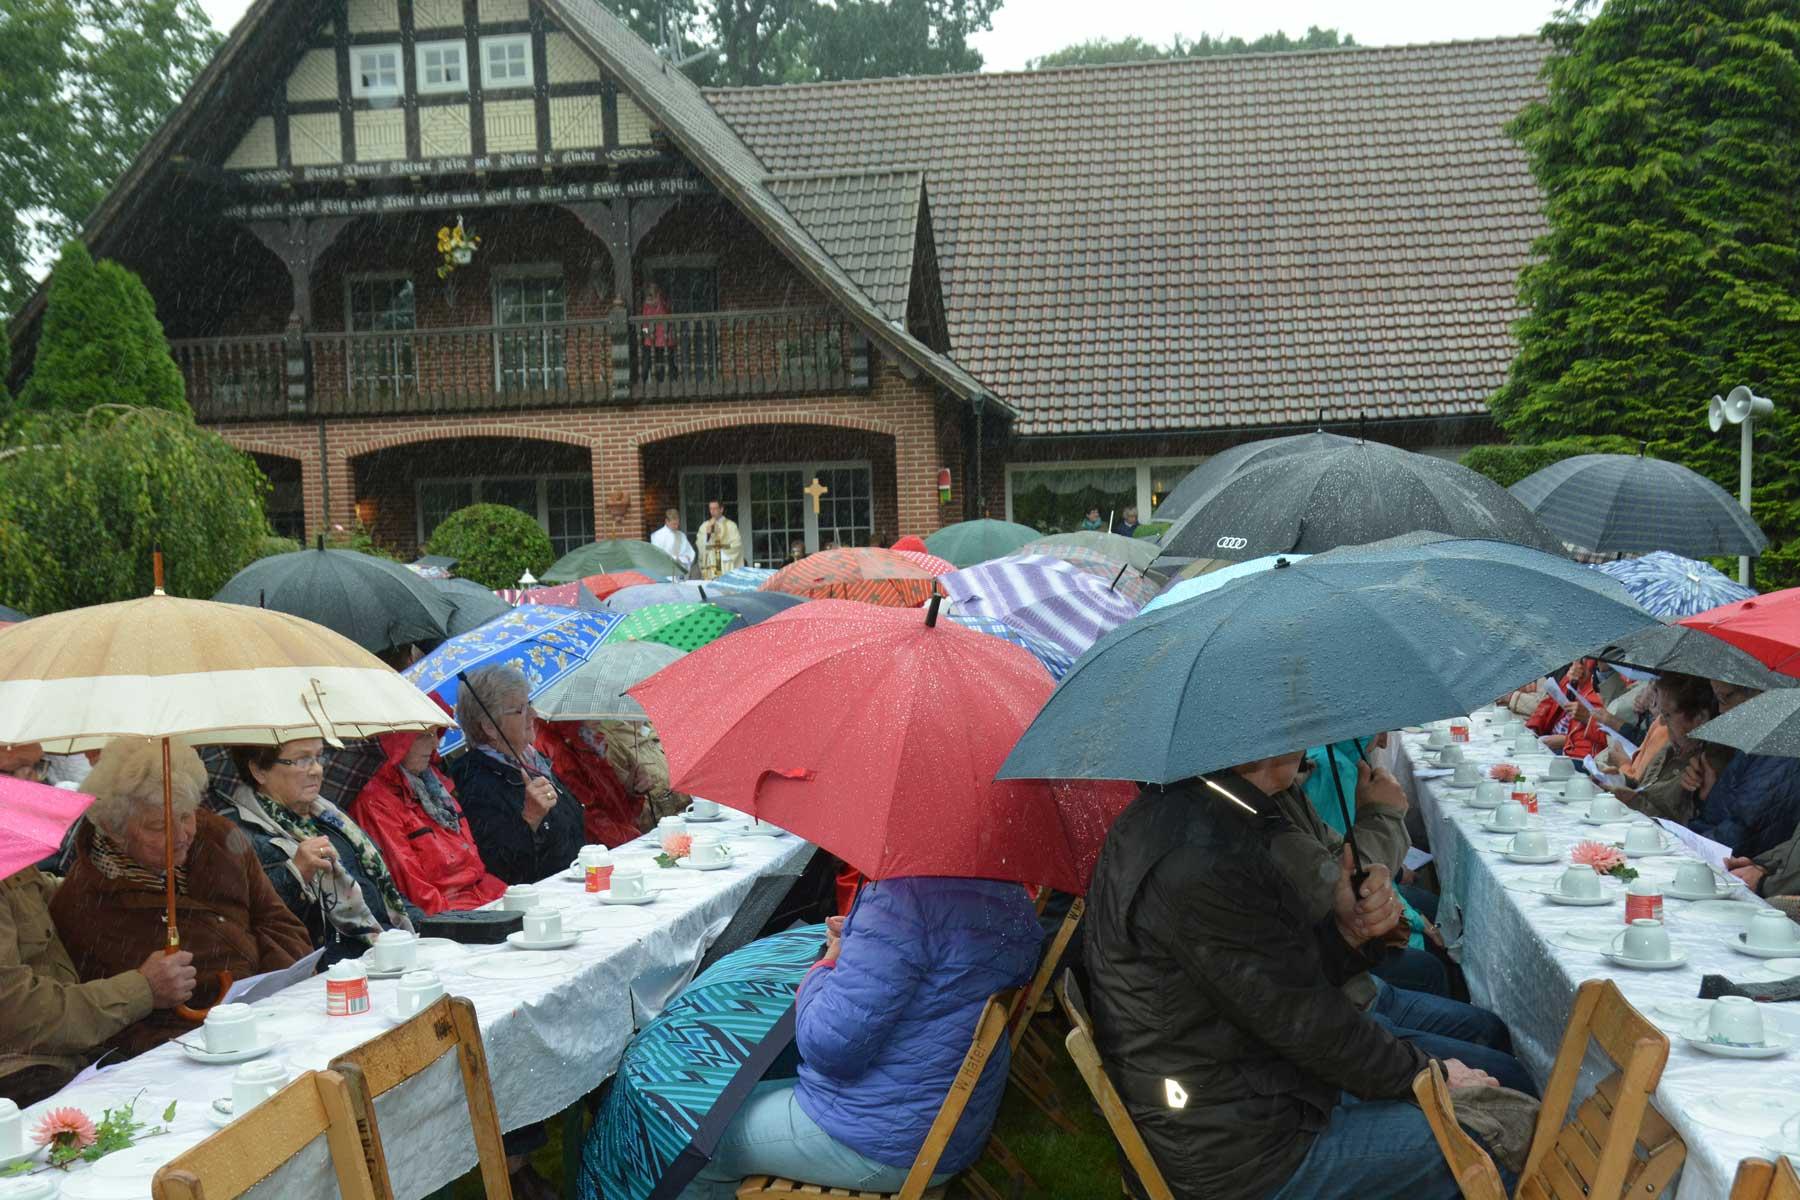 Ein Heer von Regenschirmen bestimmte das Bild im Garten des Hofes Ahrens. Foto: Christa Geers